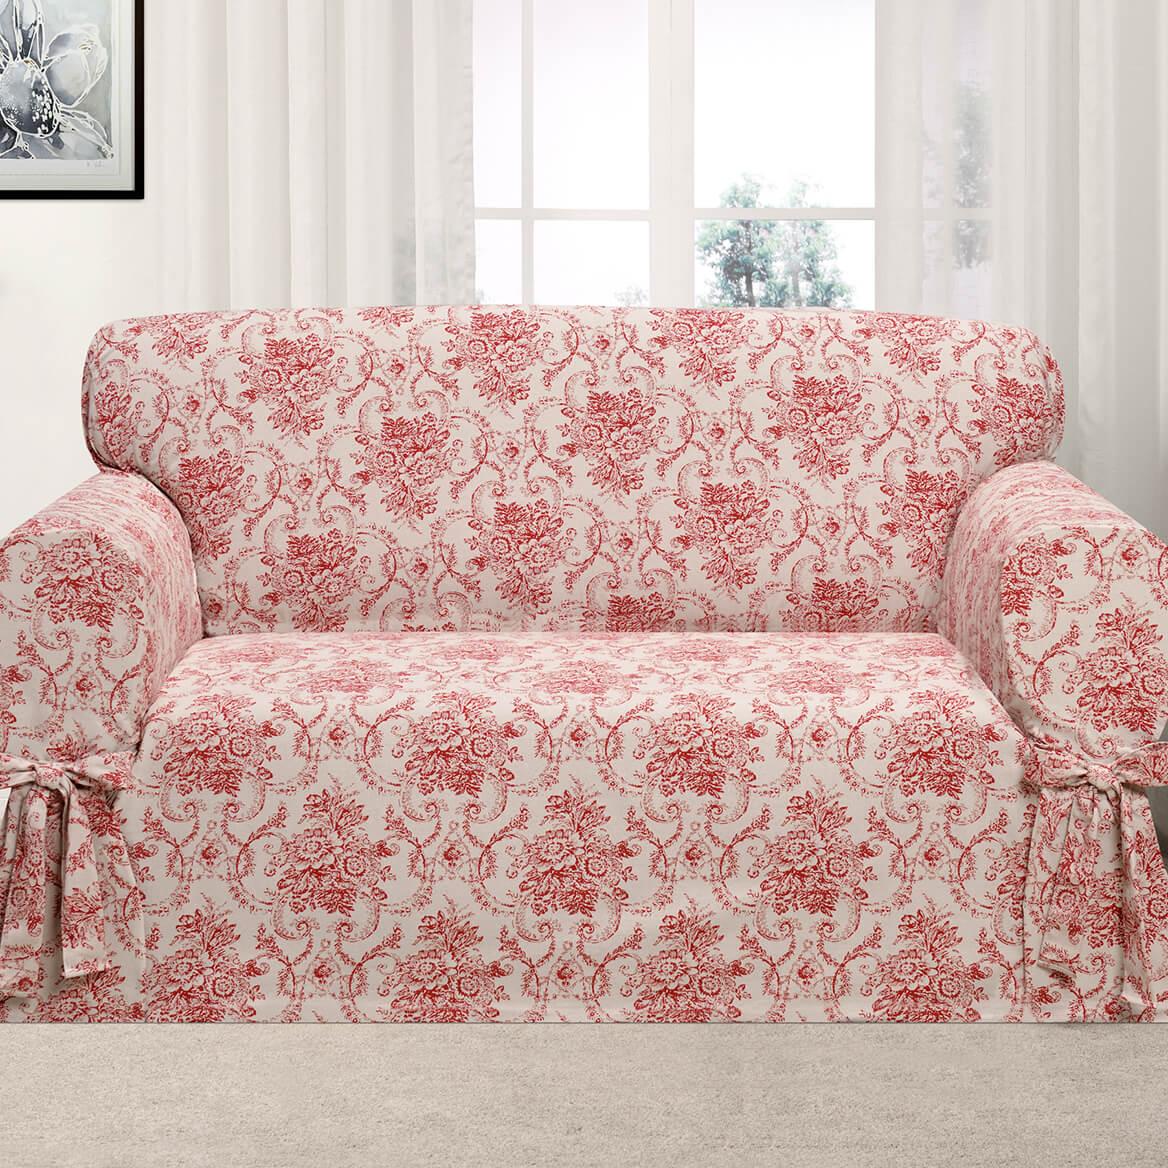 Kathy Ireland Chateau Loveseat Slipcover-362616